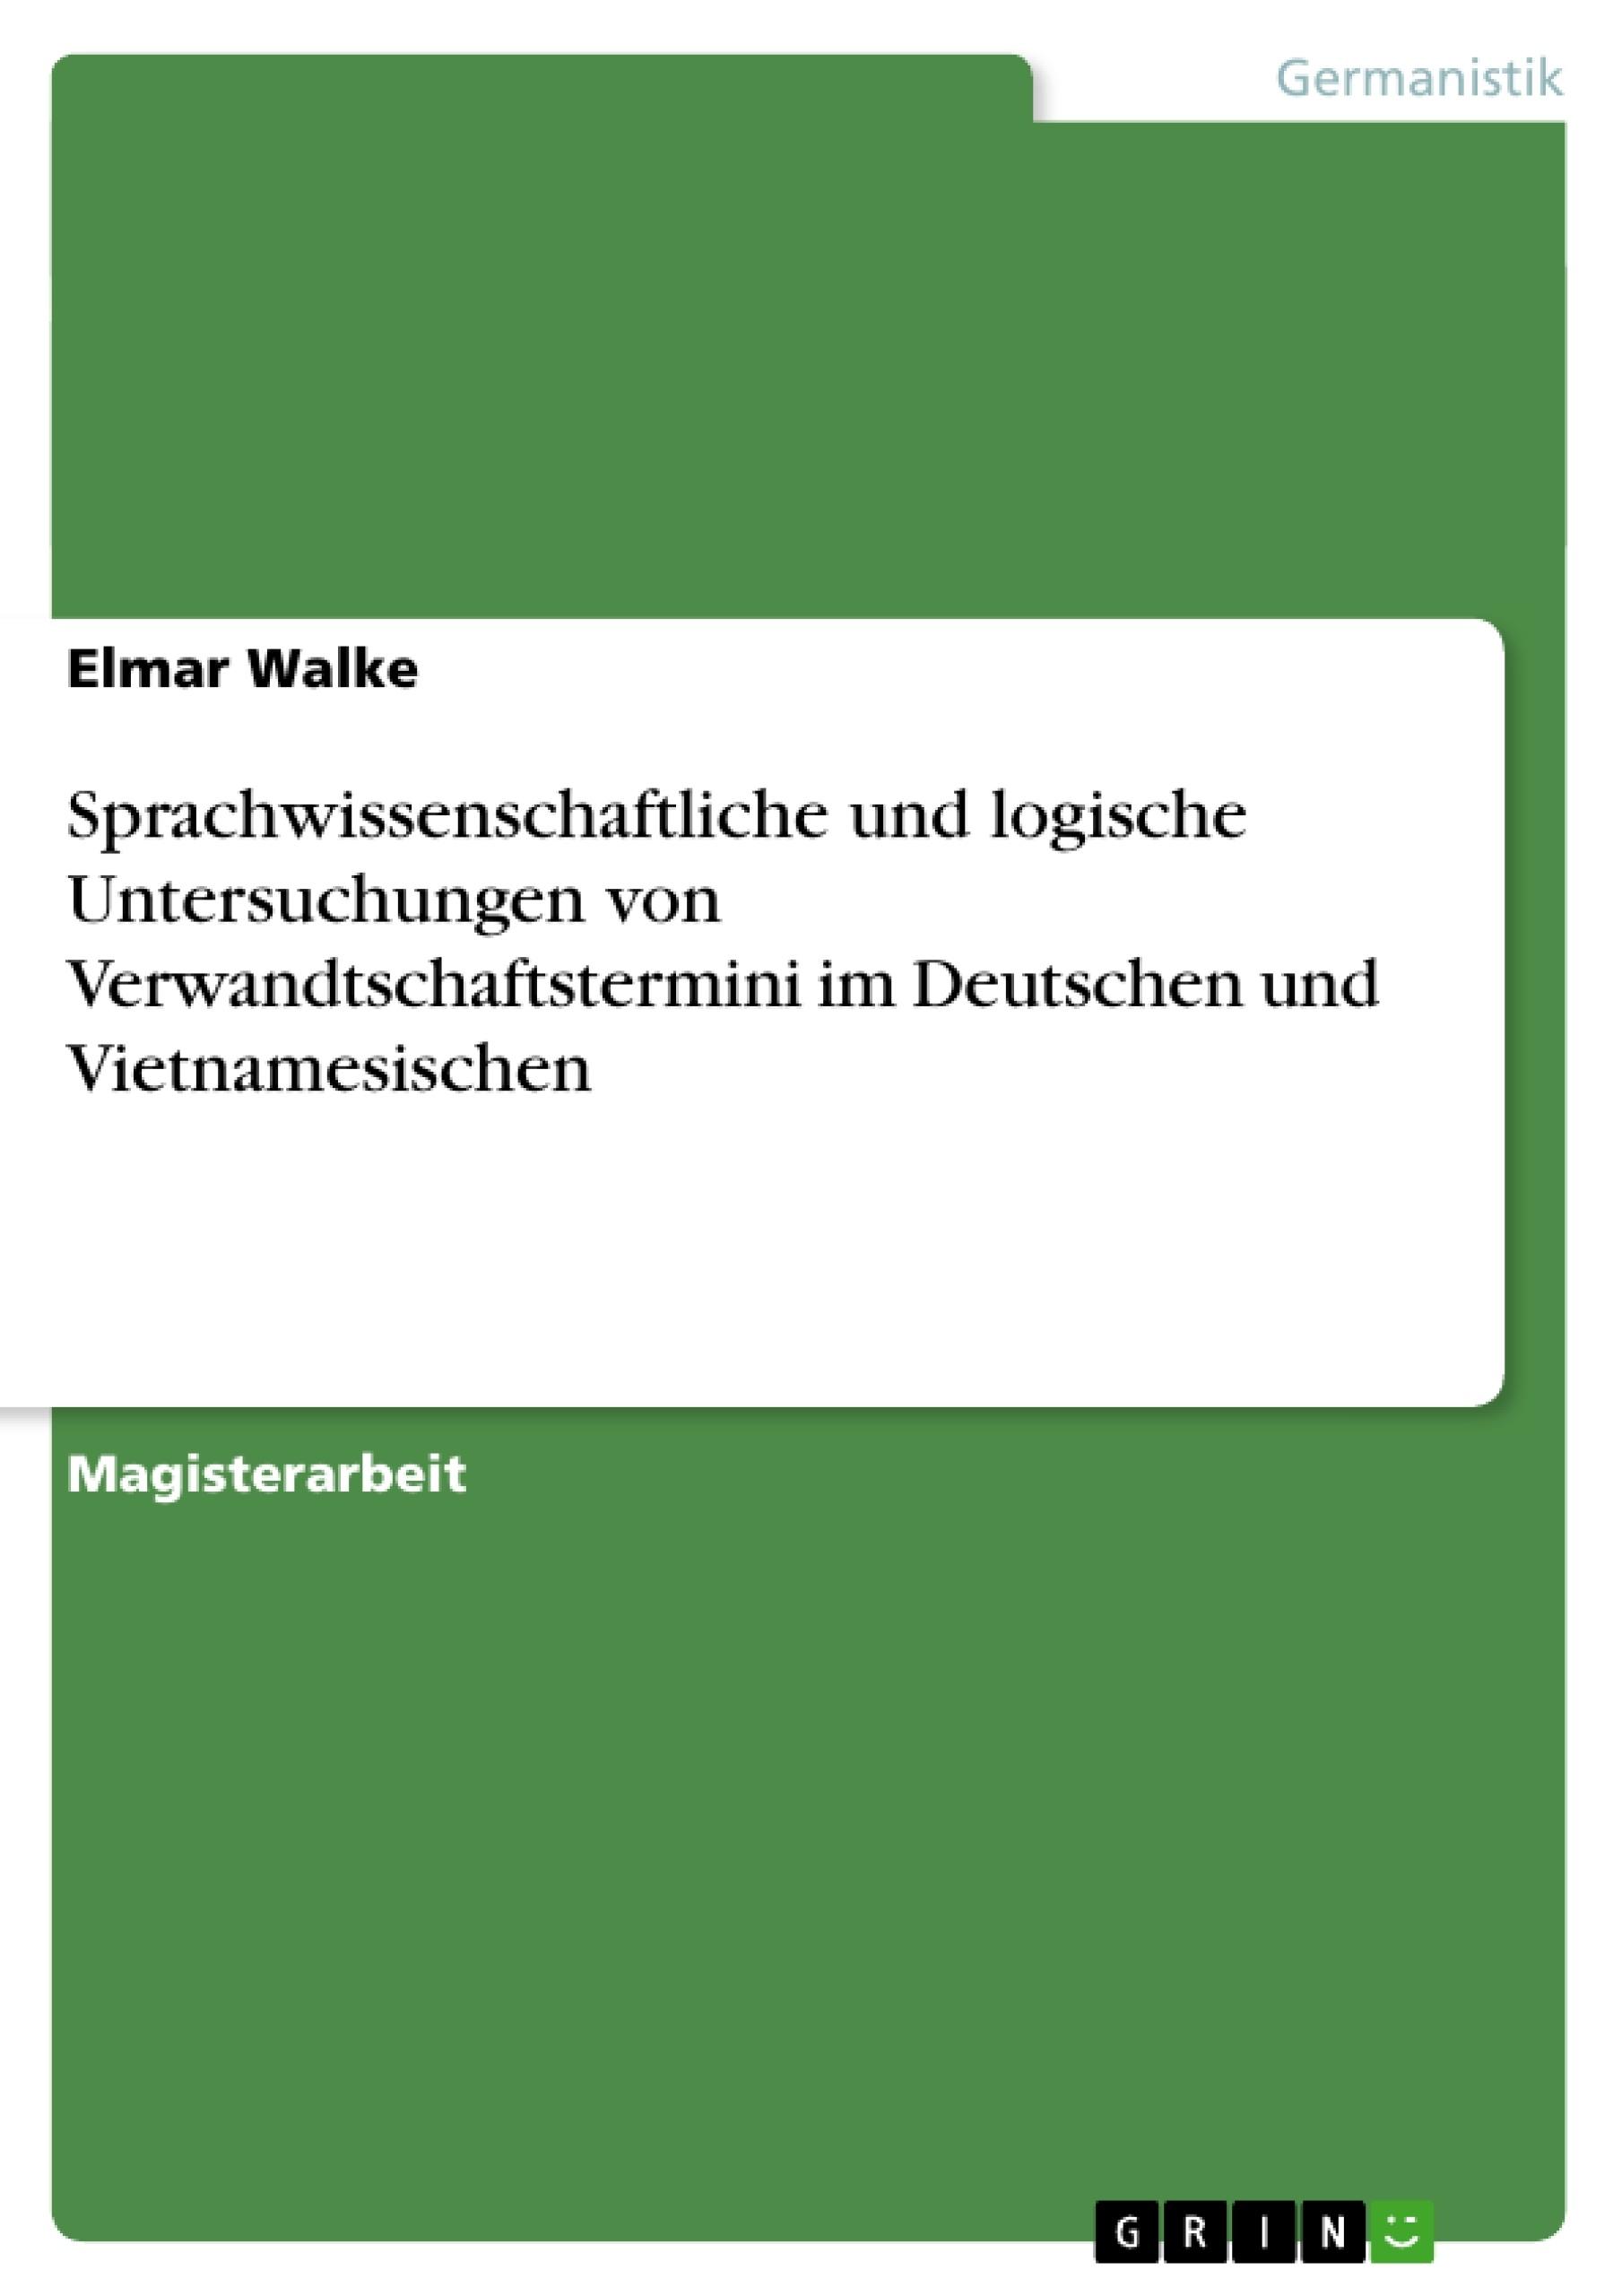 Titel: Sprachwissenschaftliche und logische Untersuchungen von Verwandtschaftstermini im Deutschen und Vietnamesischen